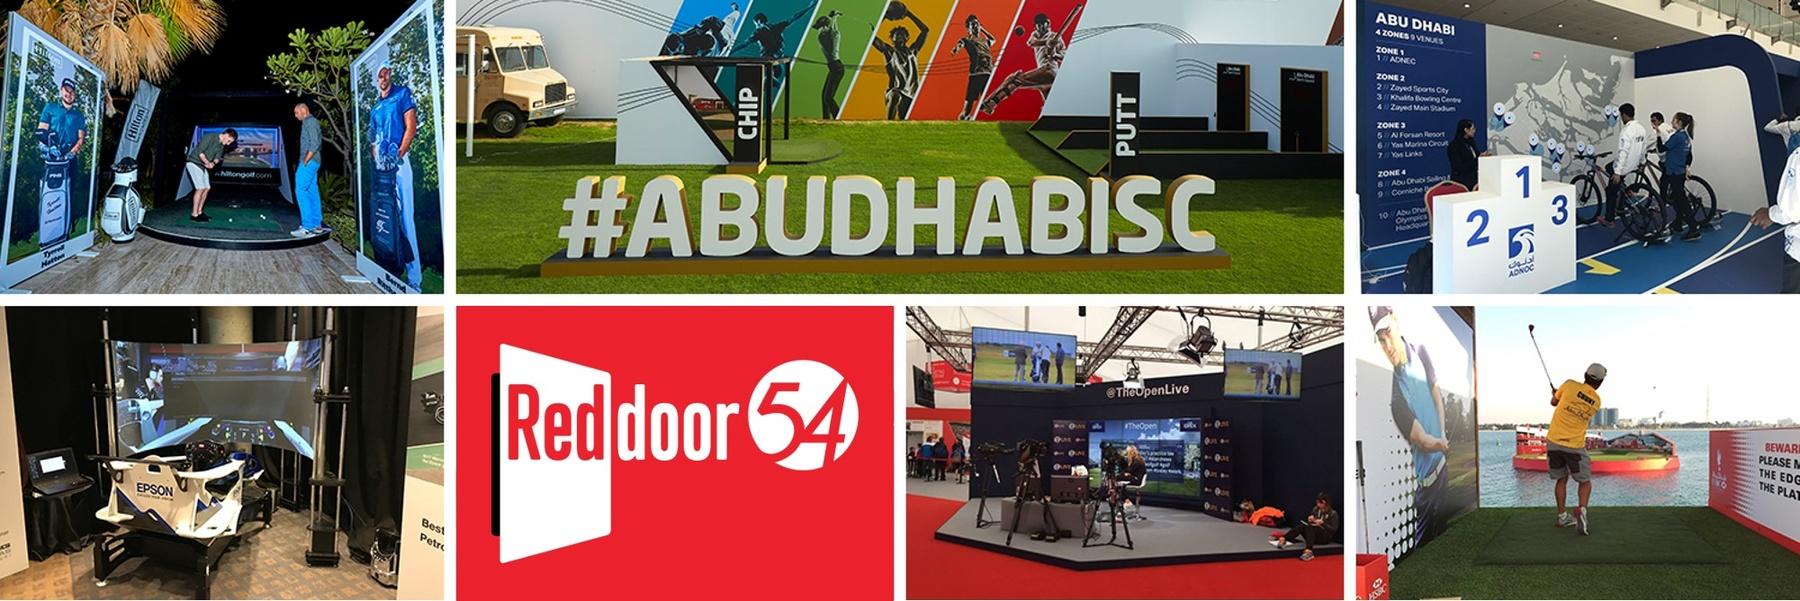 Performance54 header & Red Door Events Middle East Unite to form RedDoor54